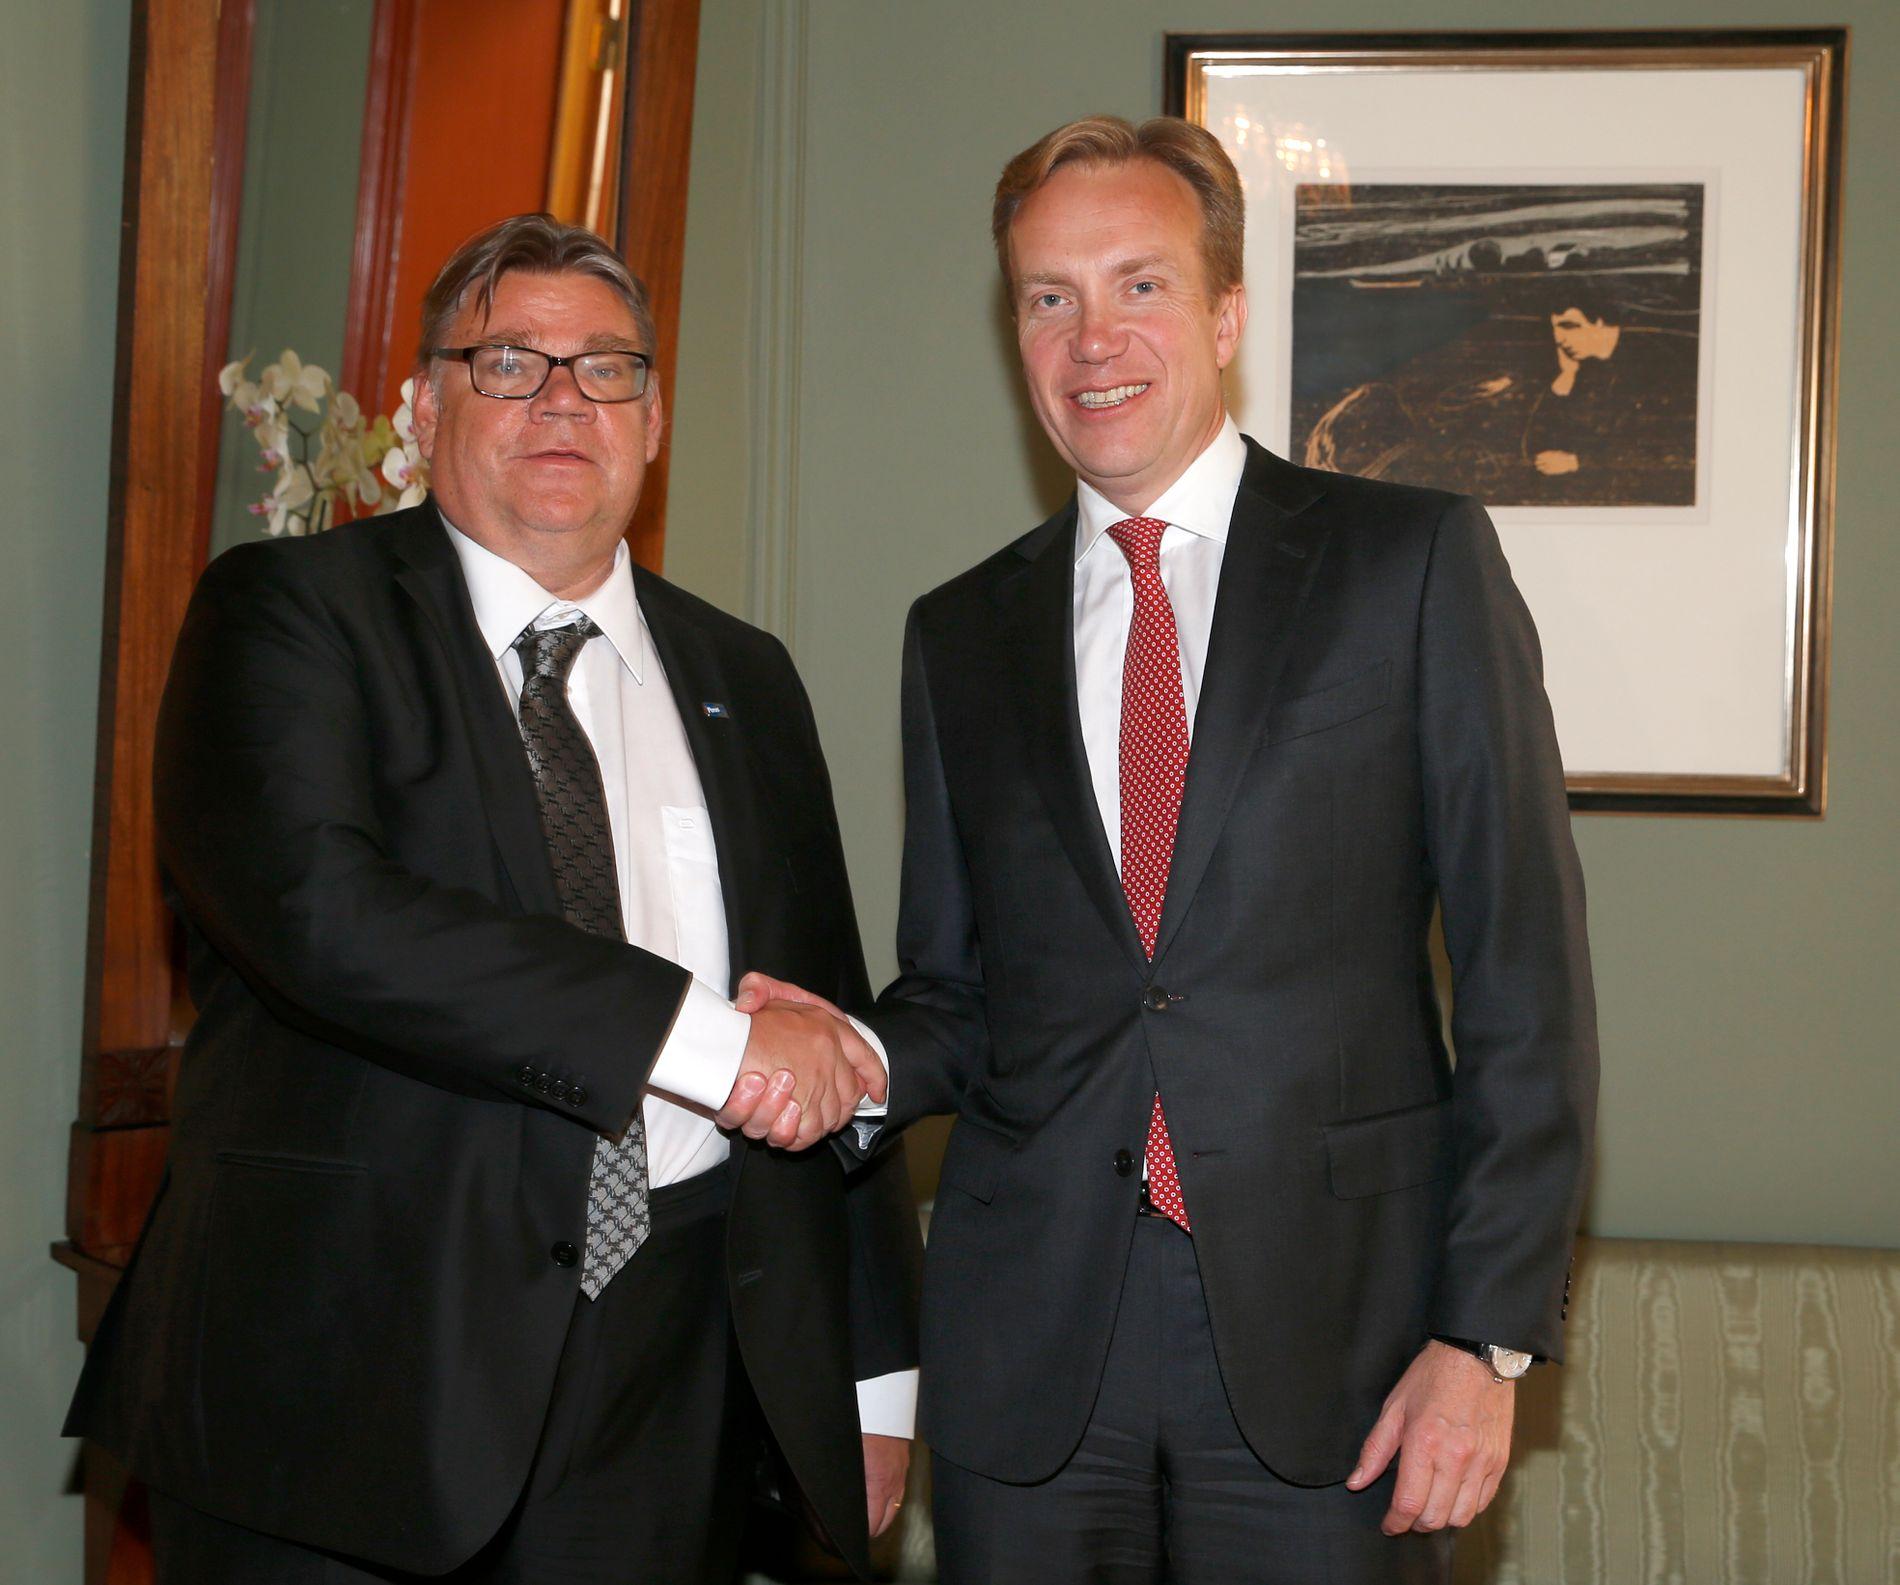 SANNFINNE: Utenriksminister Børge Brende (H) t.h. møter sin nye finske kollega Timo Soini i Oslo i 2015.  Timo Soini er leder og en av stifterne av partiet Sannfinnene.